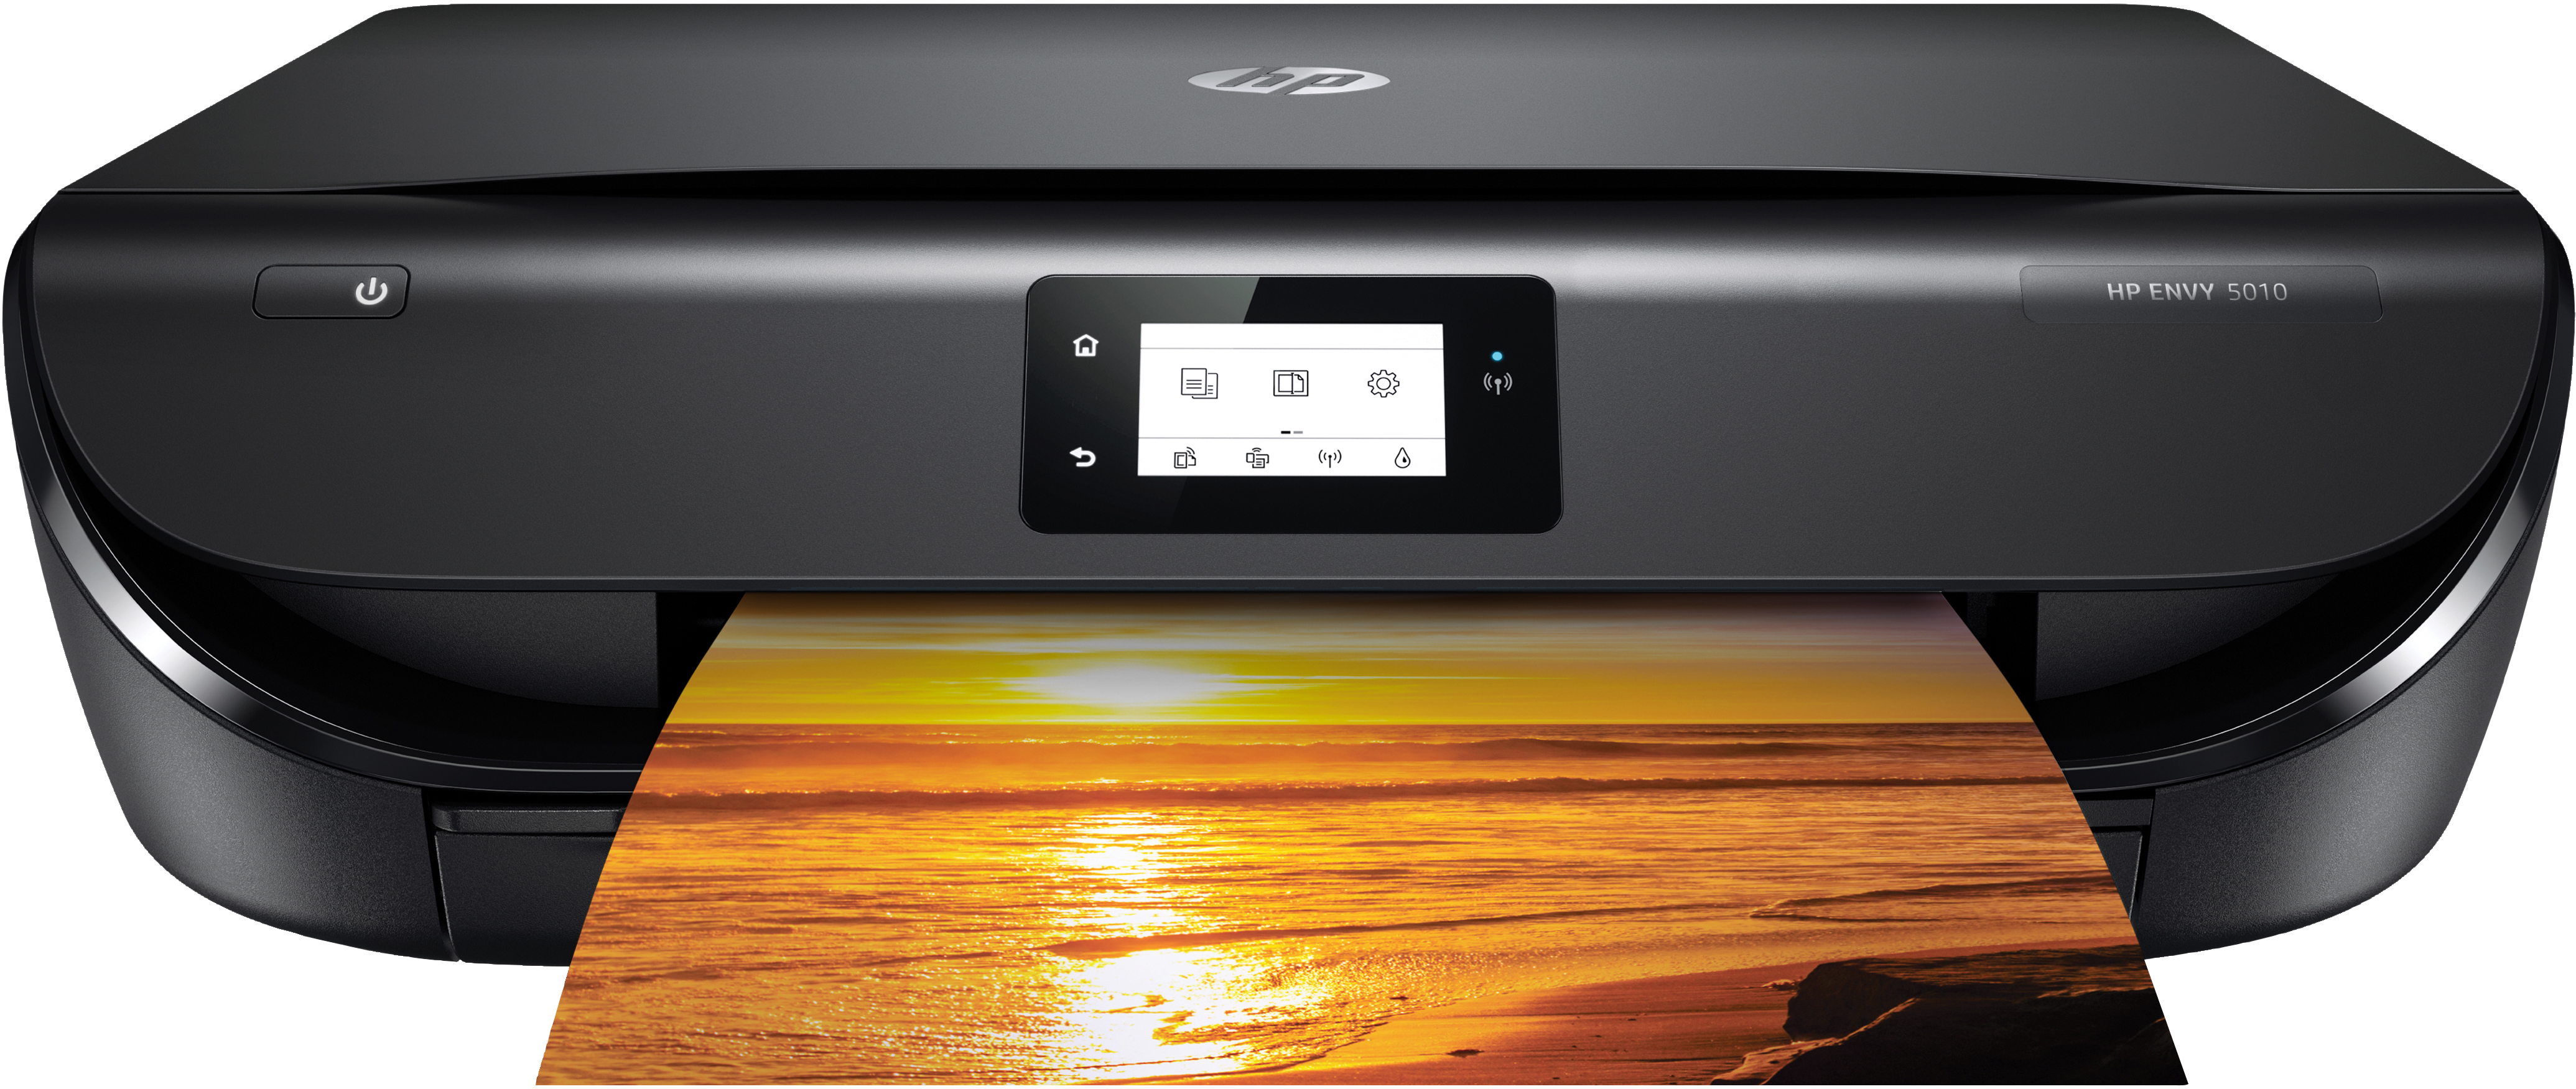 HP ENVY 5010 - WiFi